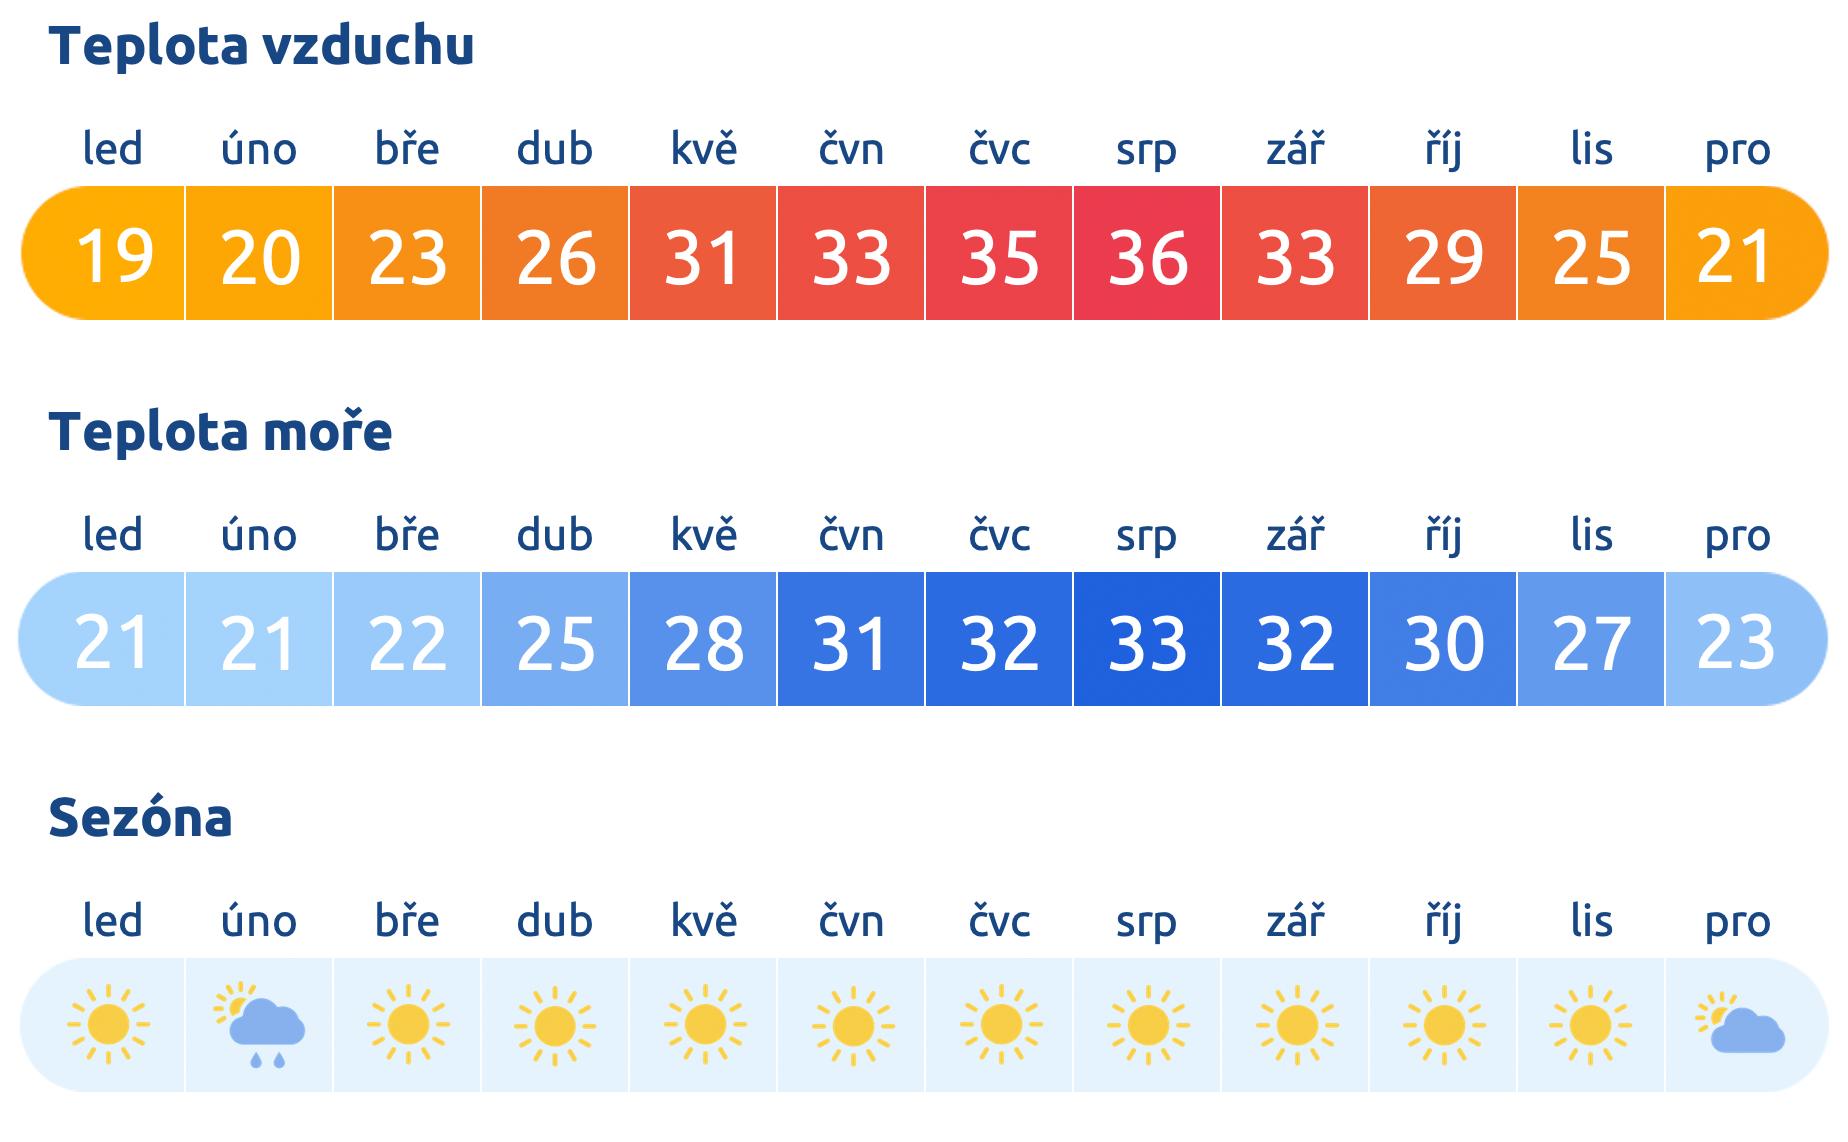 Počasí ve Spojených arabských emirátech